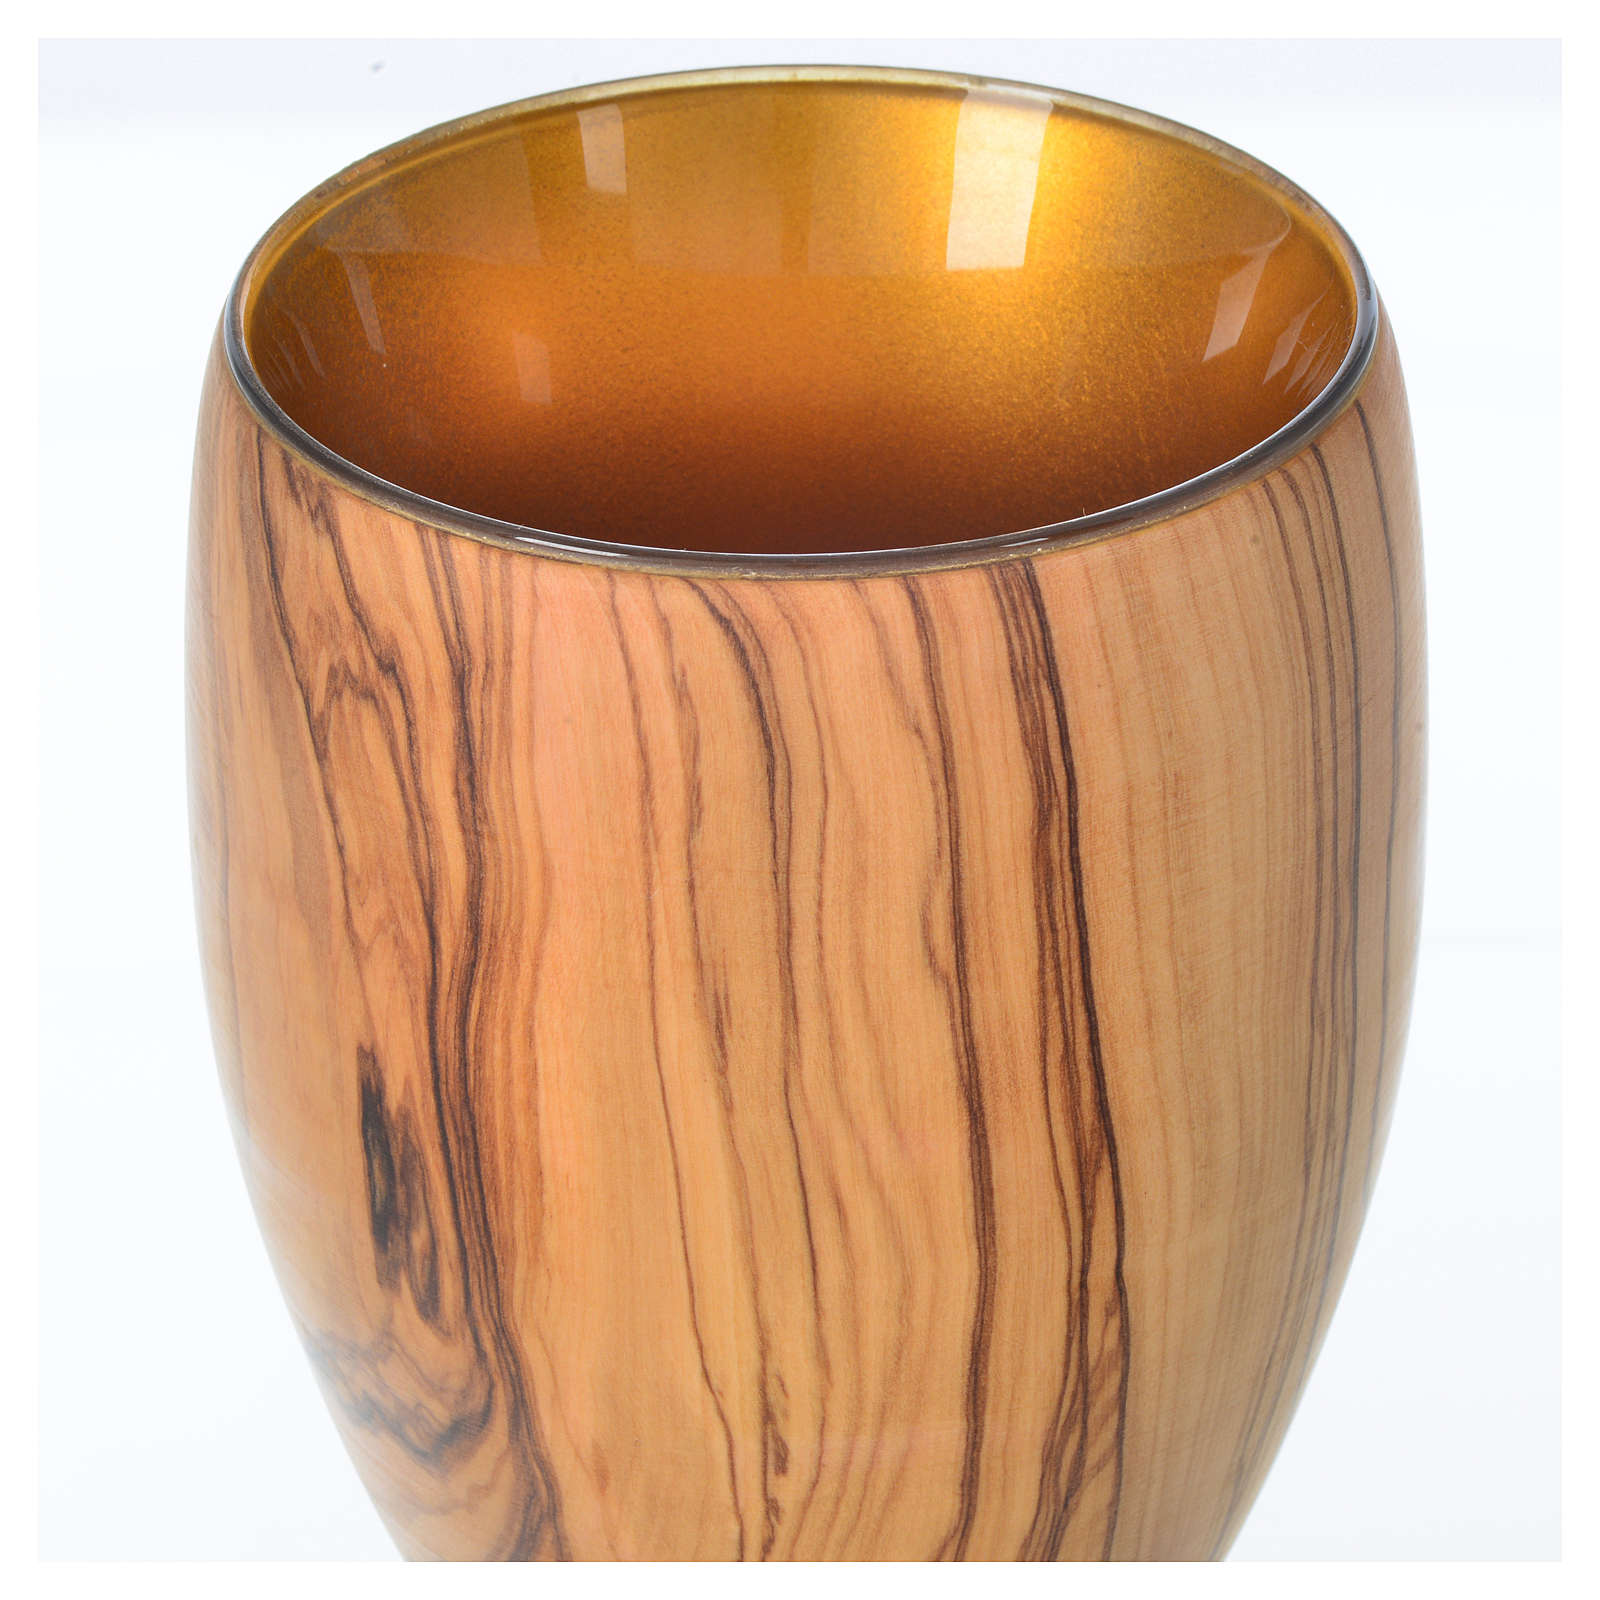 Cáliz de madera estacionada de olivo de Asís y copa de cristal 1 4